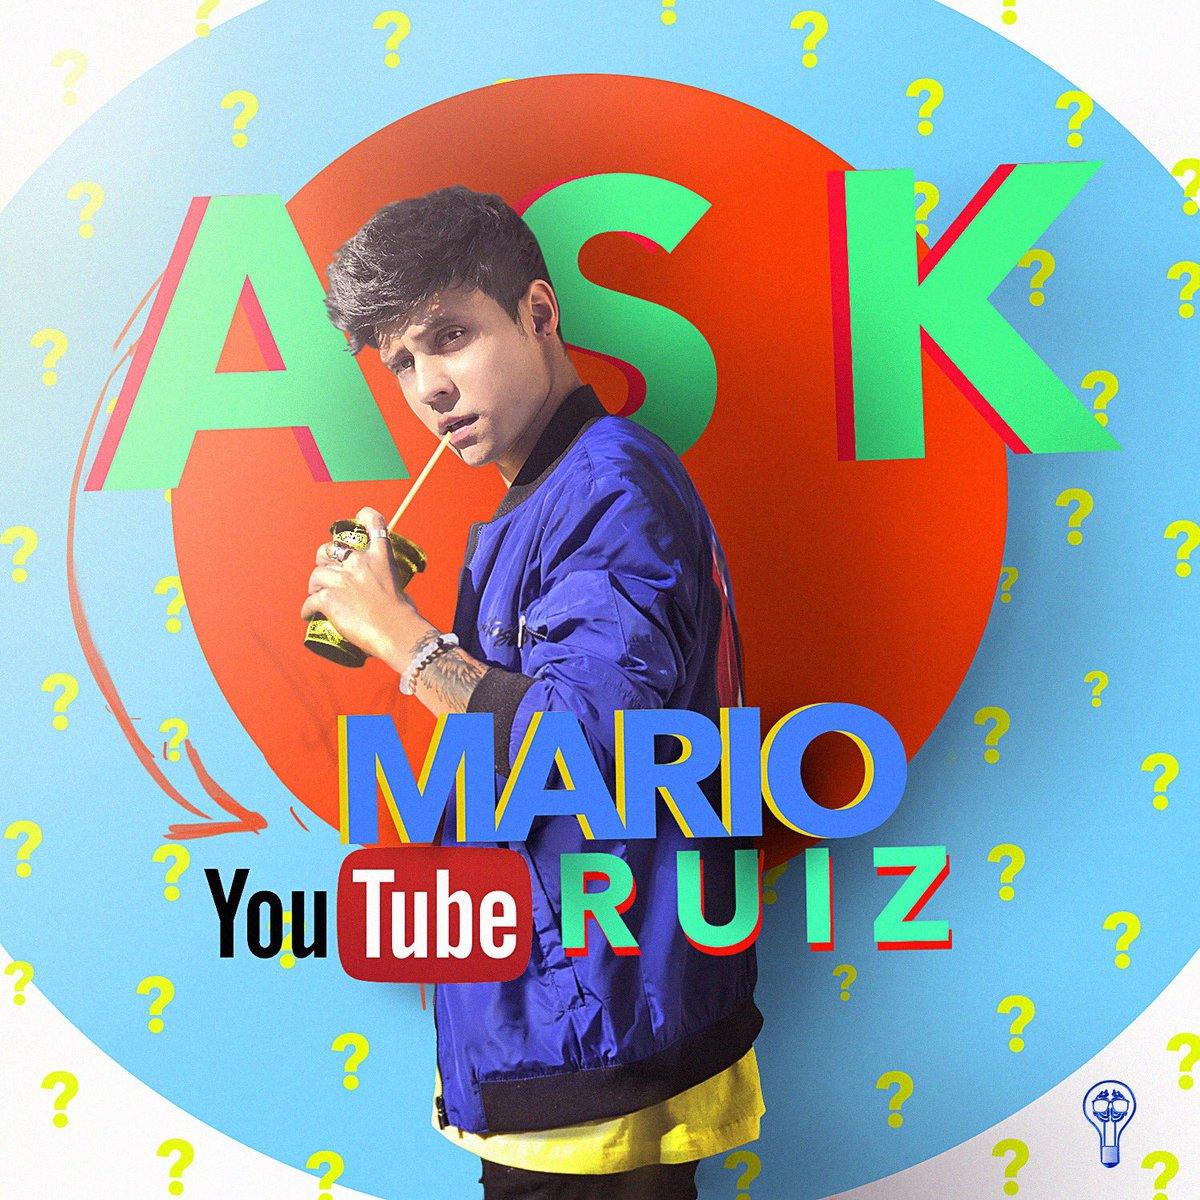 Faltan 10 minutos para el nuevo videoooo!! #NuevoVideoDeMarioRuiz